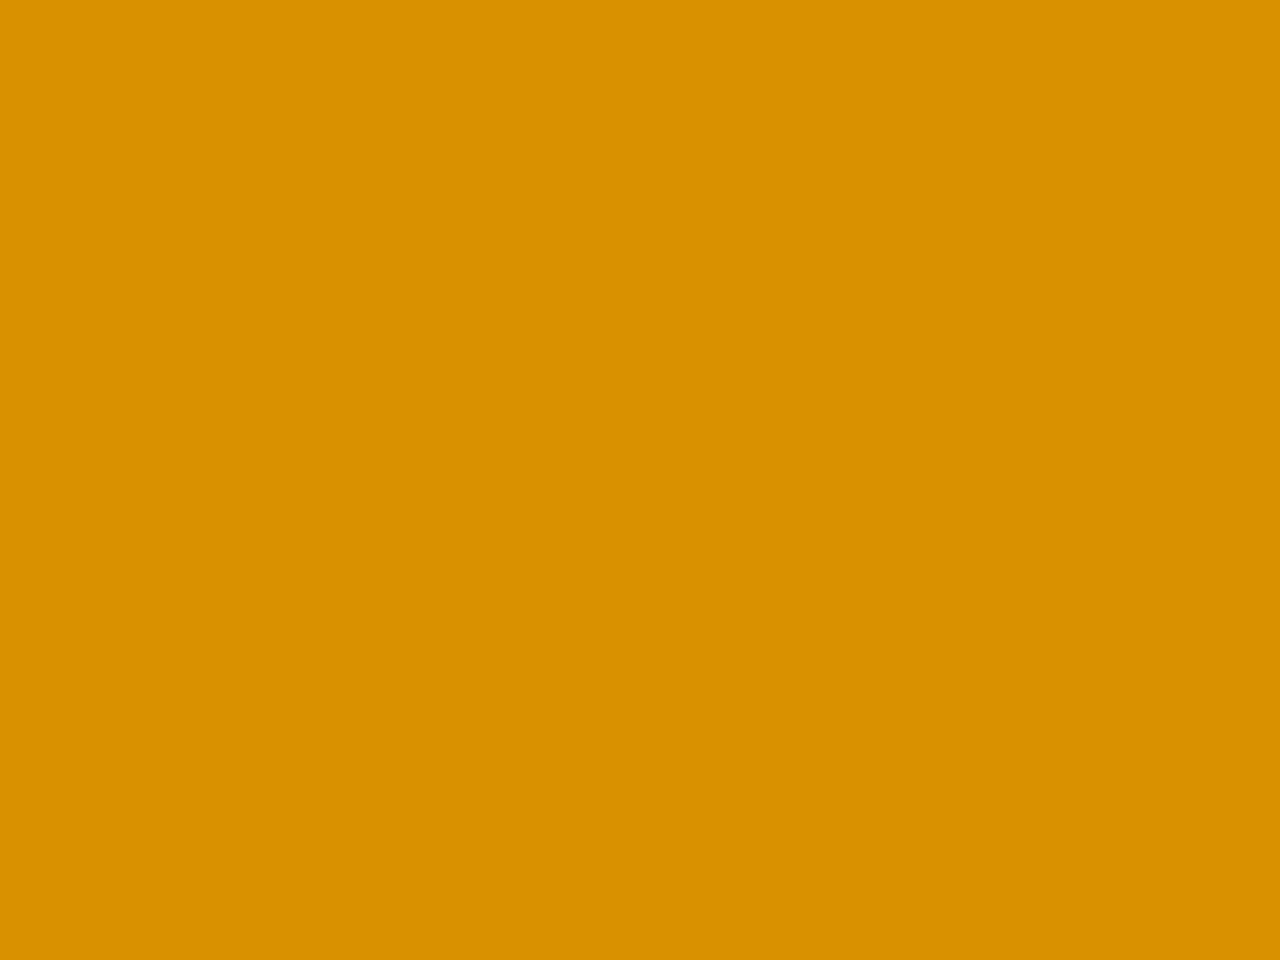 1280x960 Harvest Gold Solid Color Background